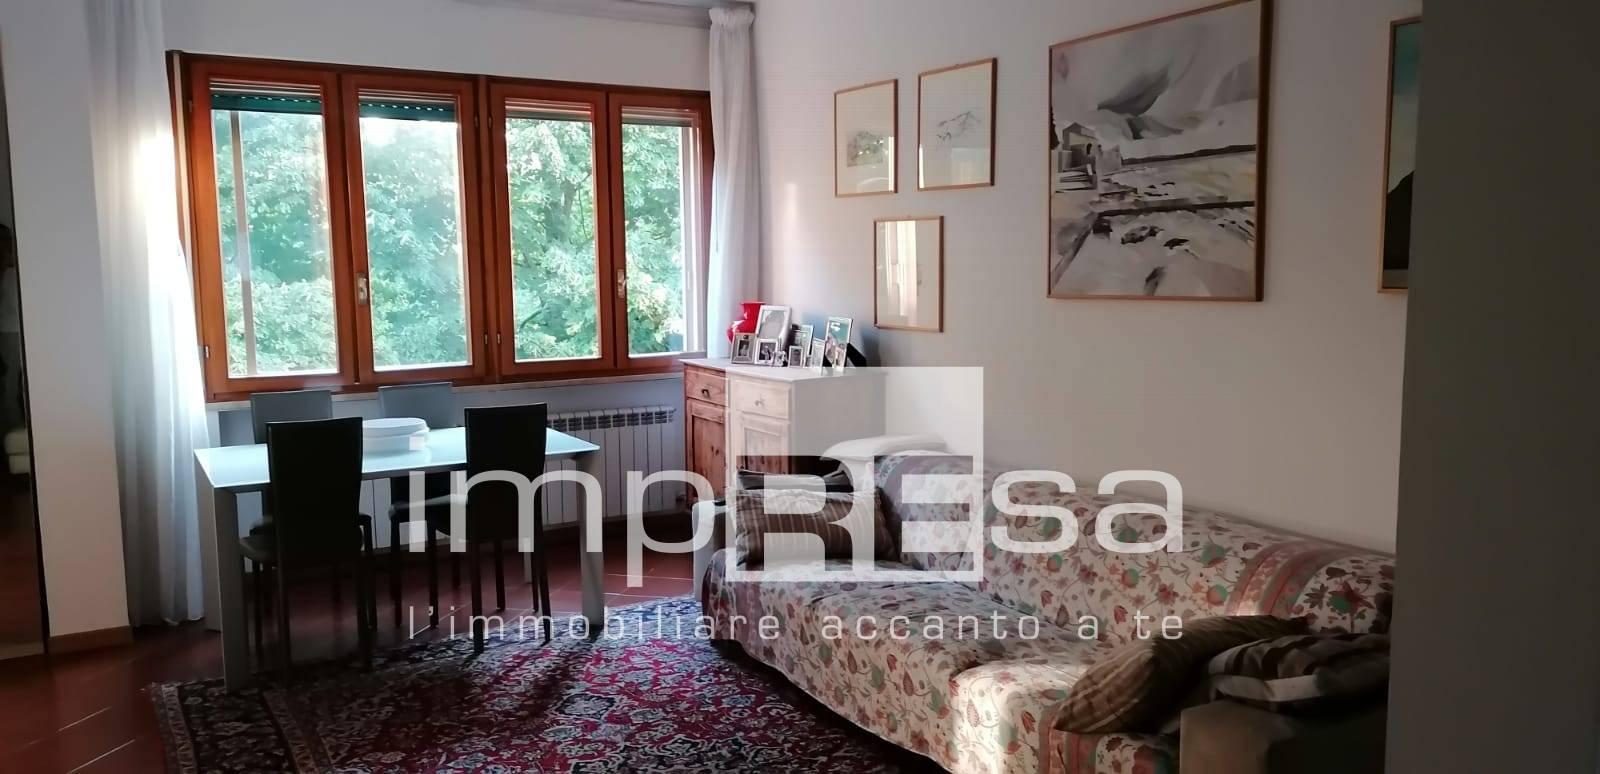 Attico / Mansarda in vendita a Mirano, 6 locali, prezzo € 185.000 | PortaleAgenzieImmobiliari.it